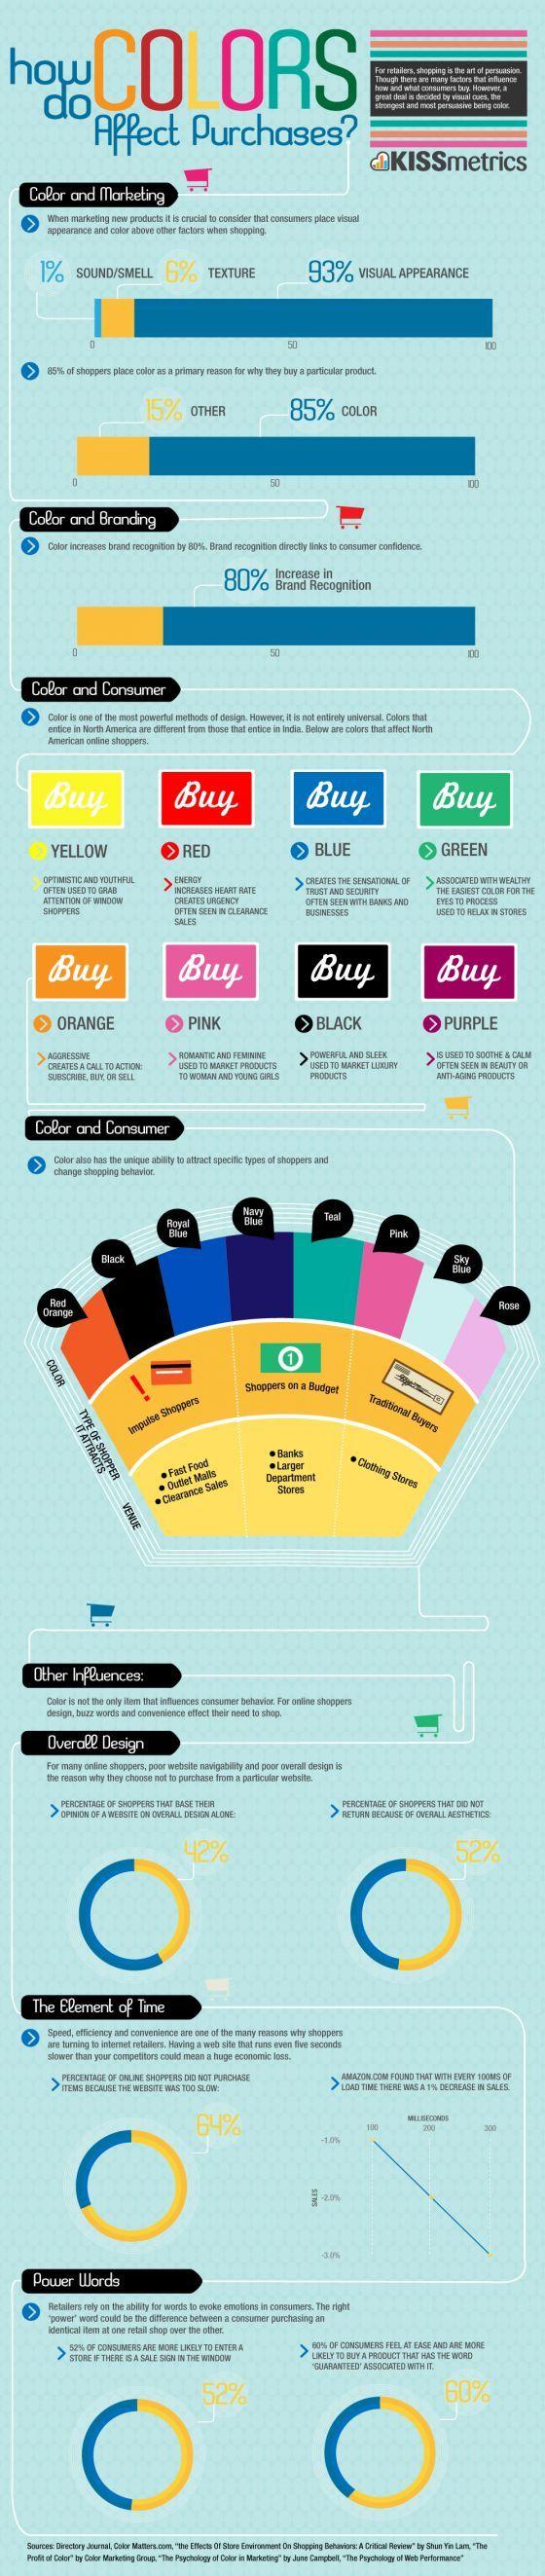 Hoe kleur invloed heeft op ons koopgedrag!  How color influences us!